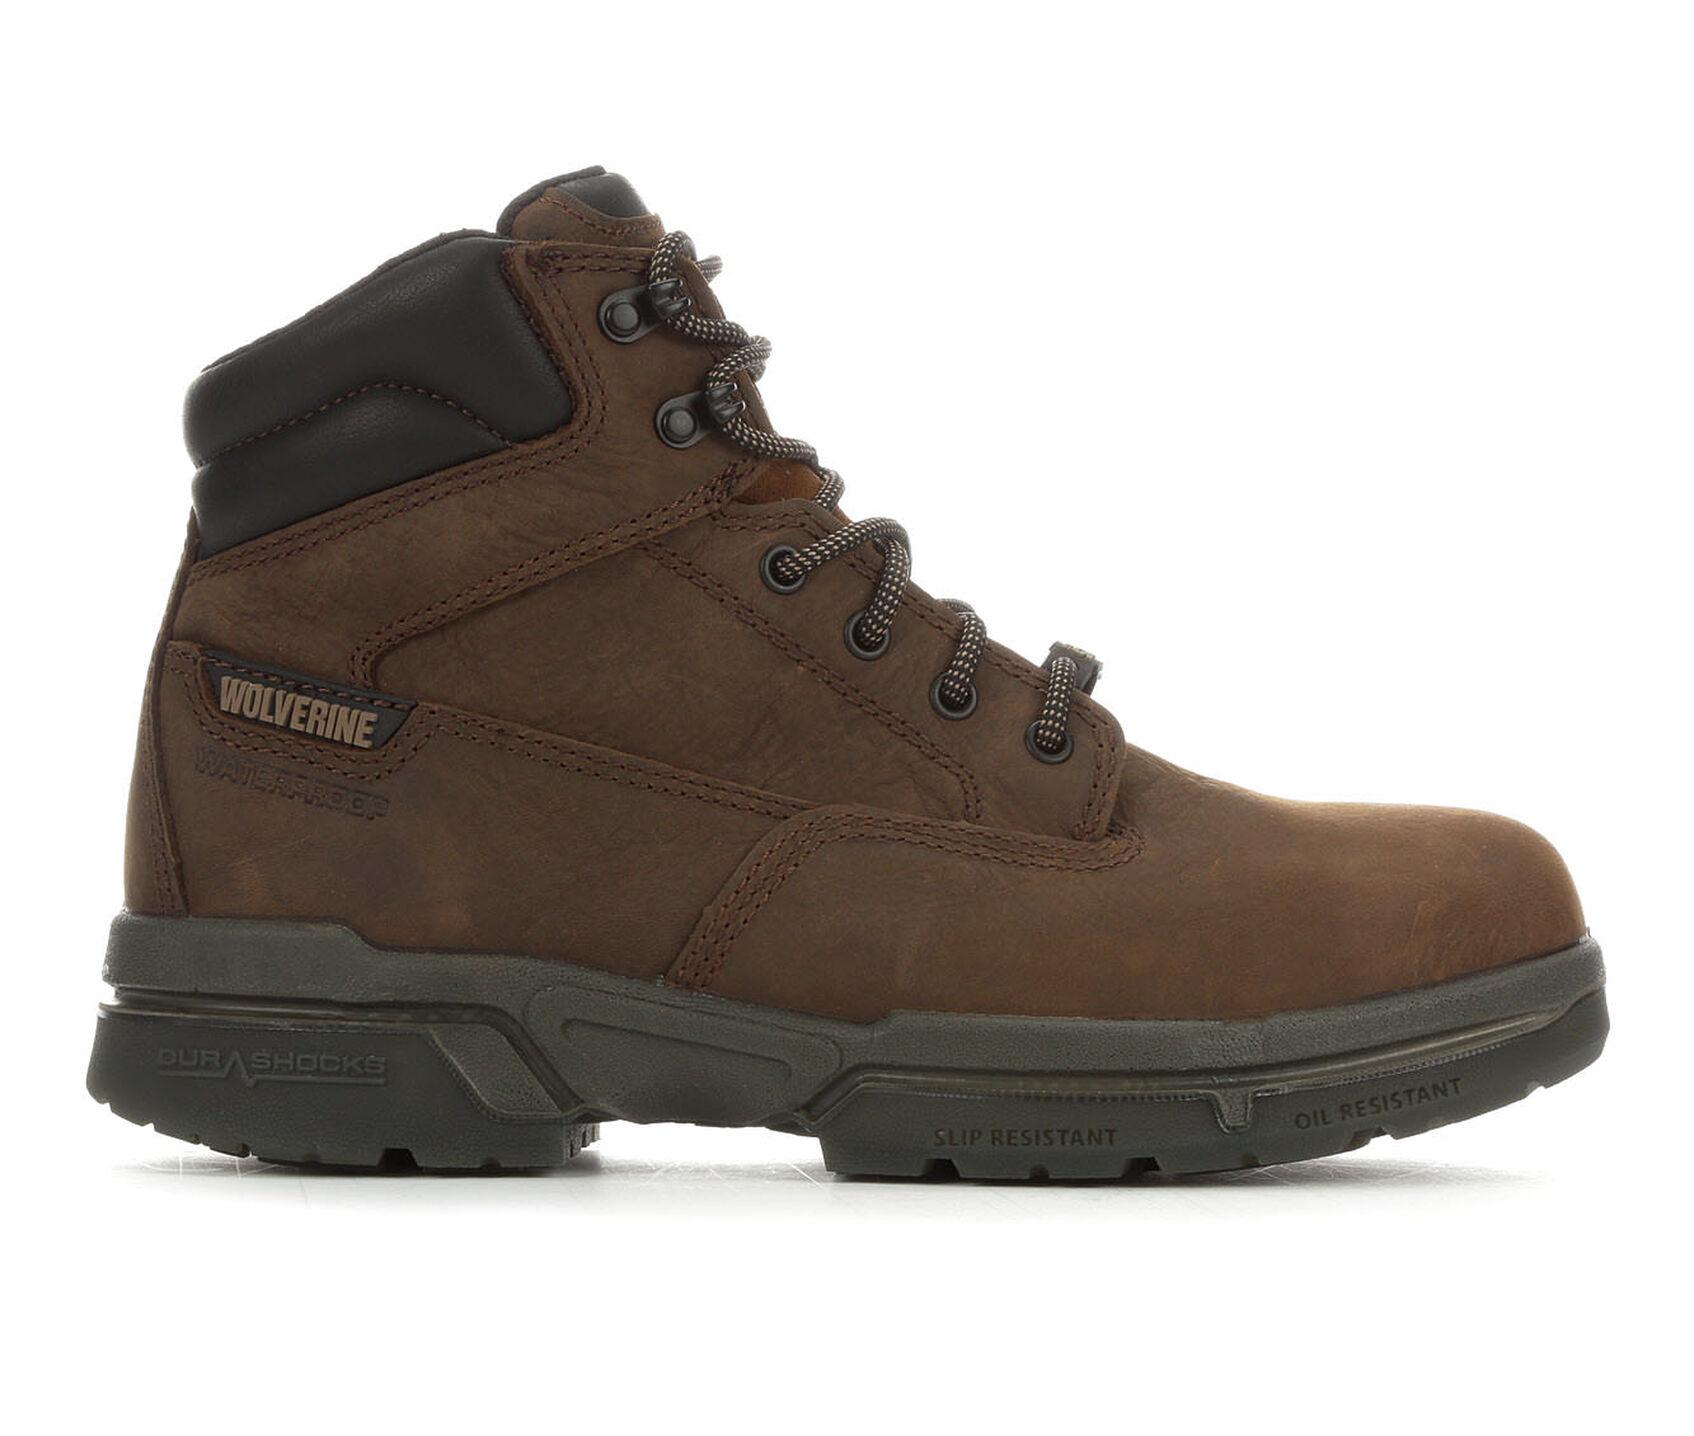 2a165957cdb Men's Wolverine I-80 Durashock Steel Toe Work Boots | Shoe Carnival